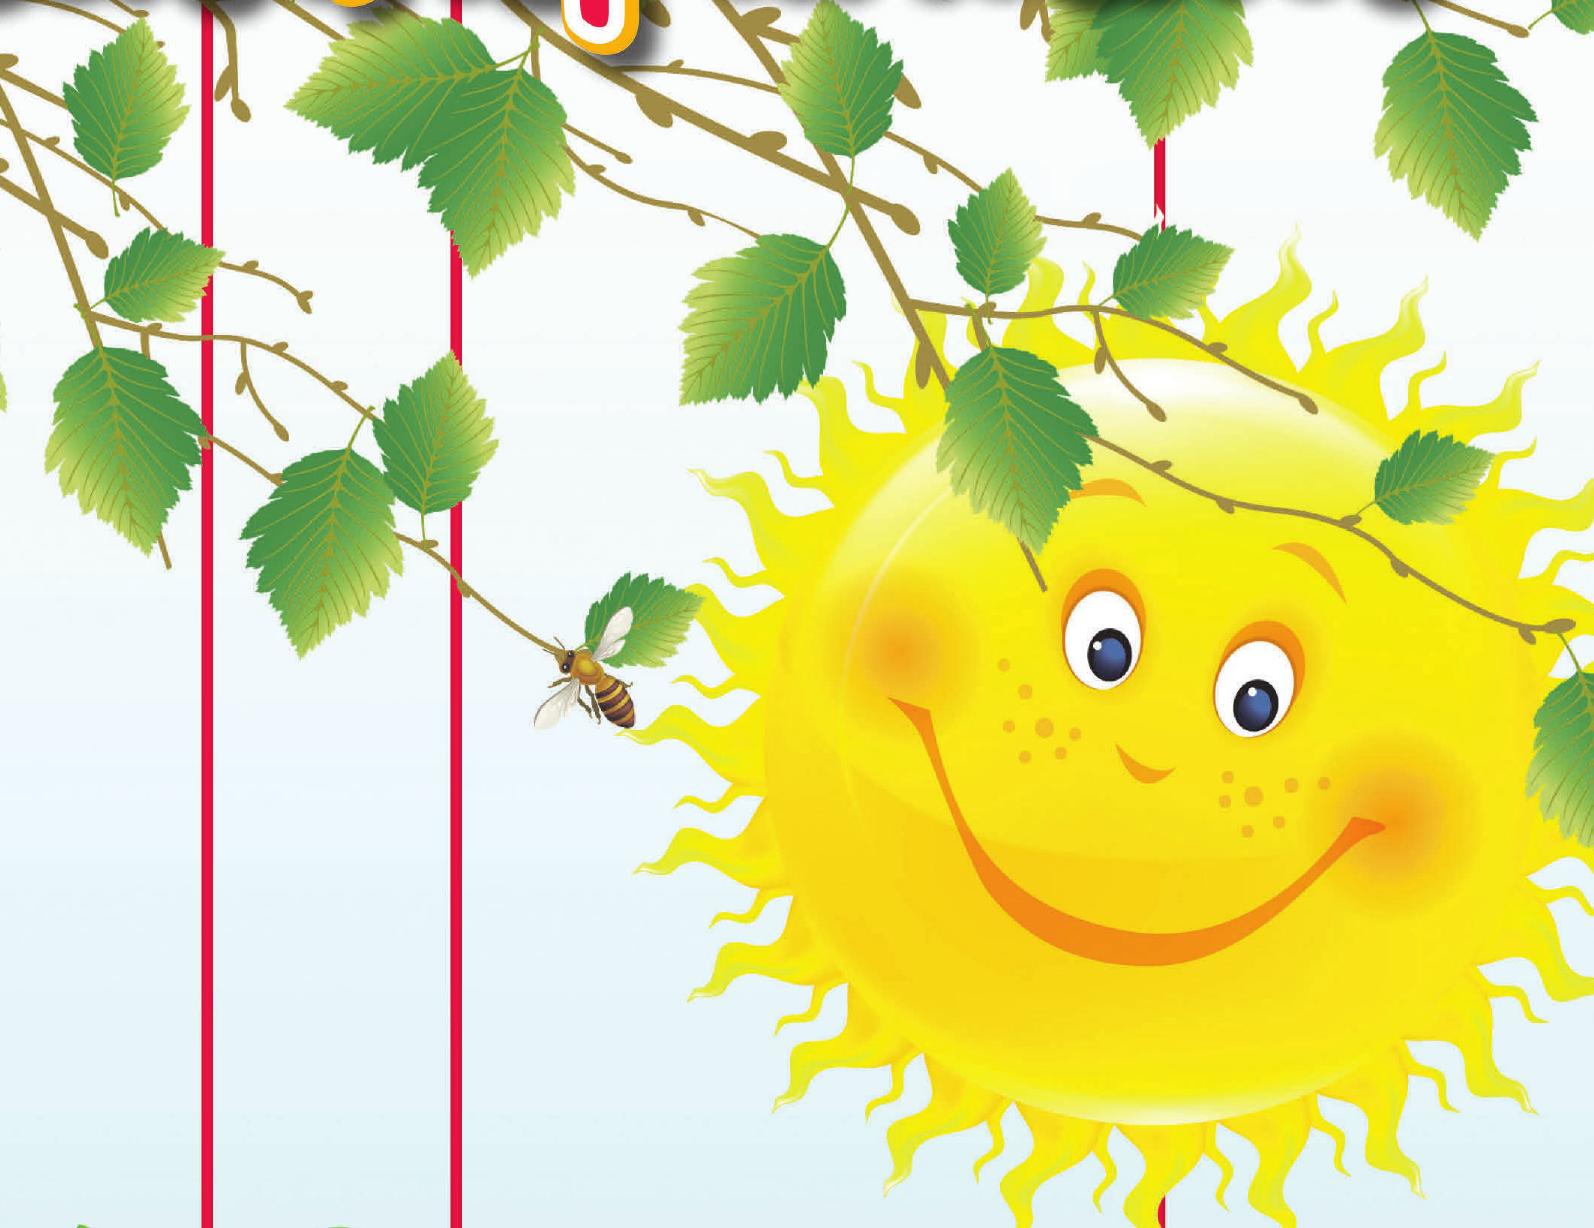 Wir wünschen all unseren Kunden und Geschäftspartnern ein frohes Osterfest Image 1